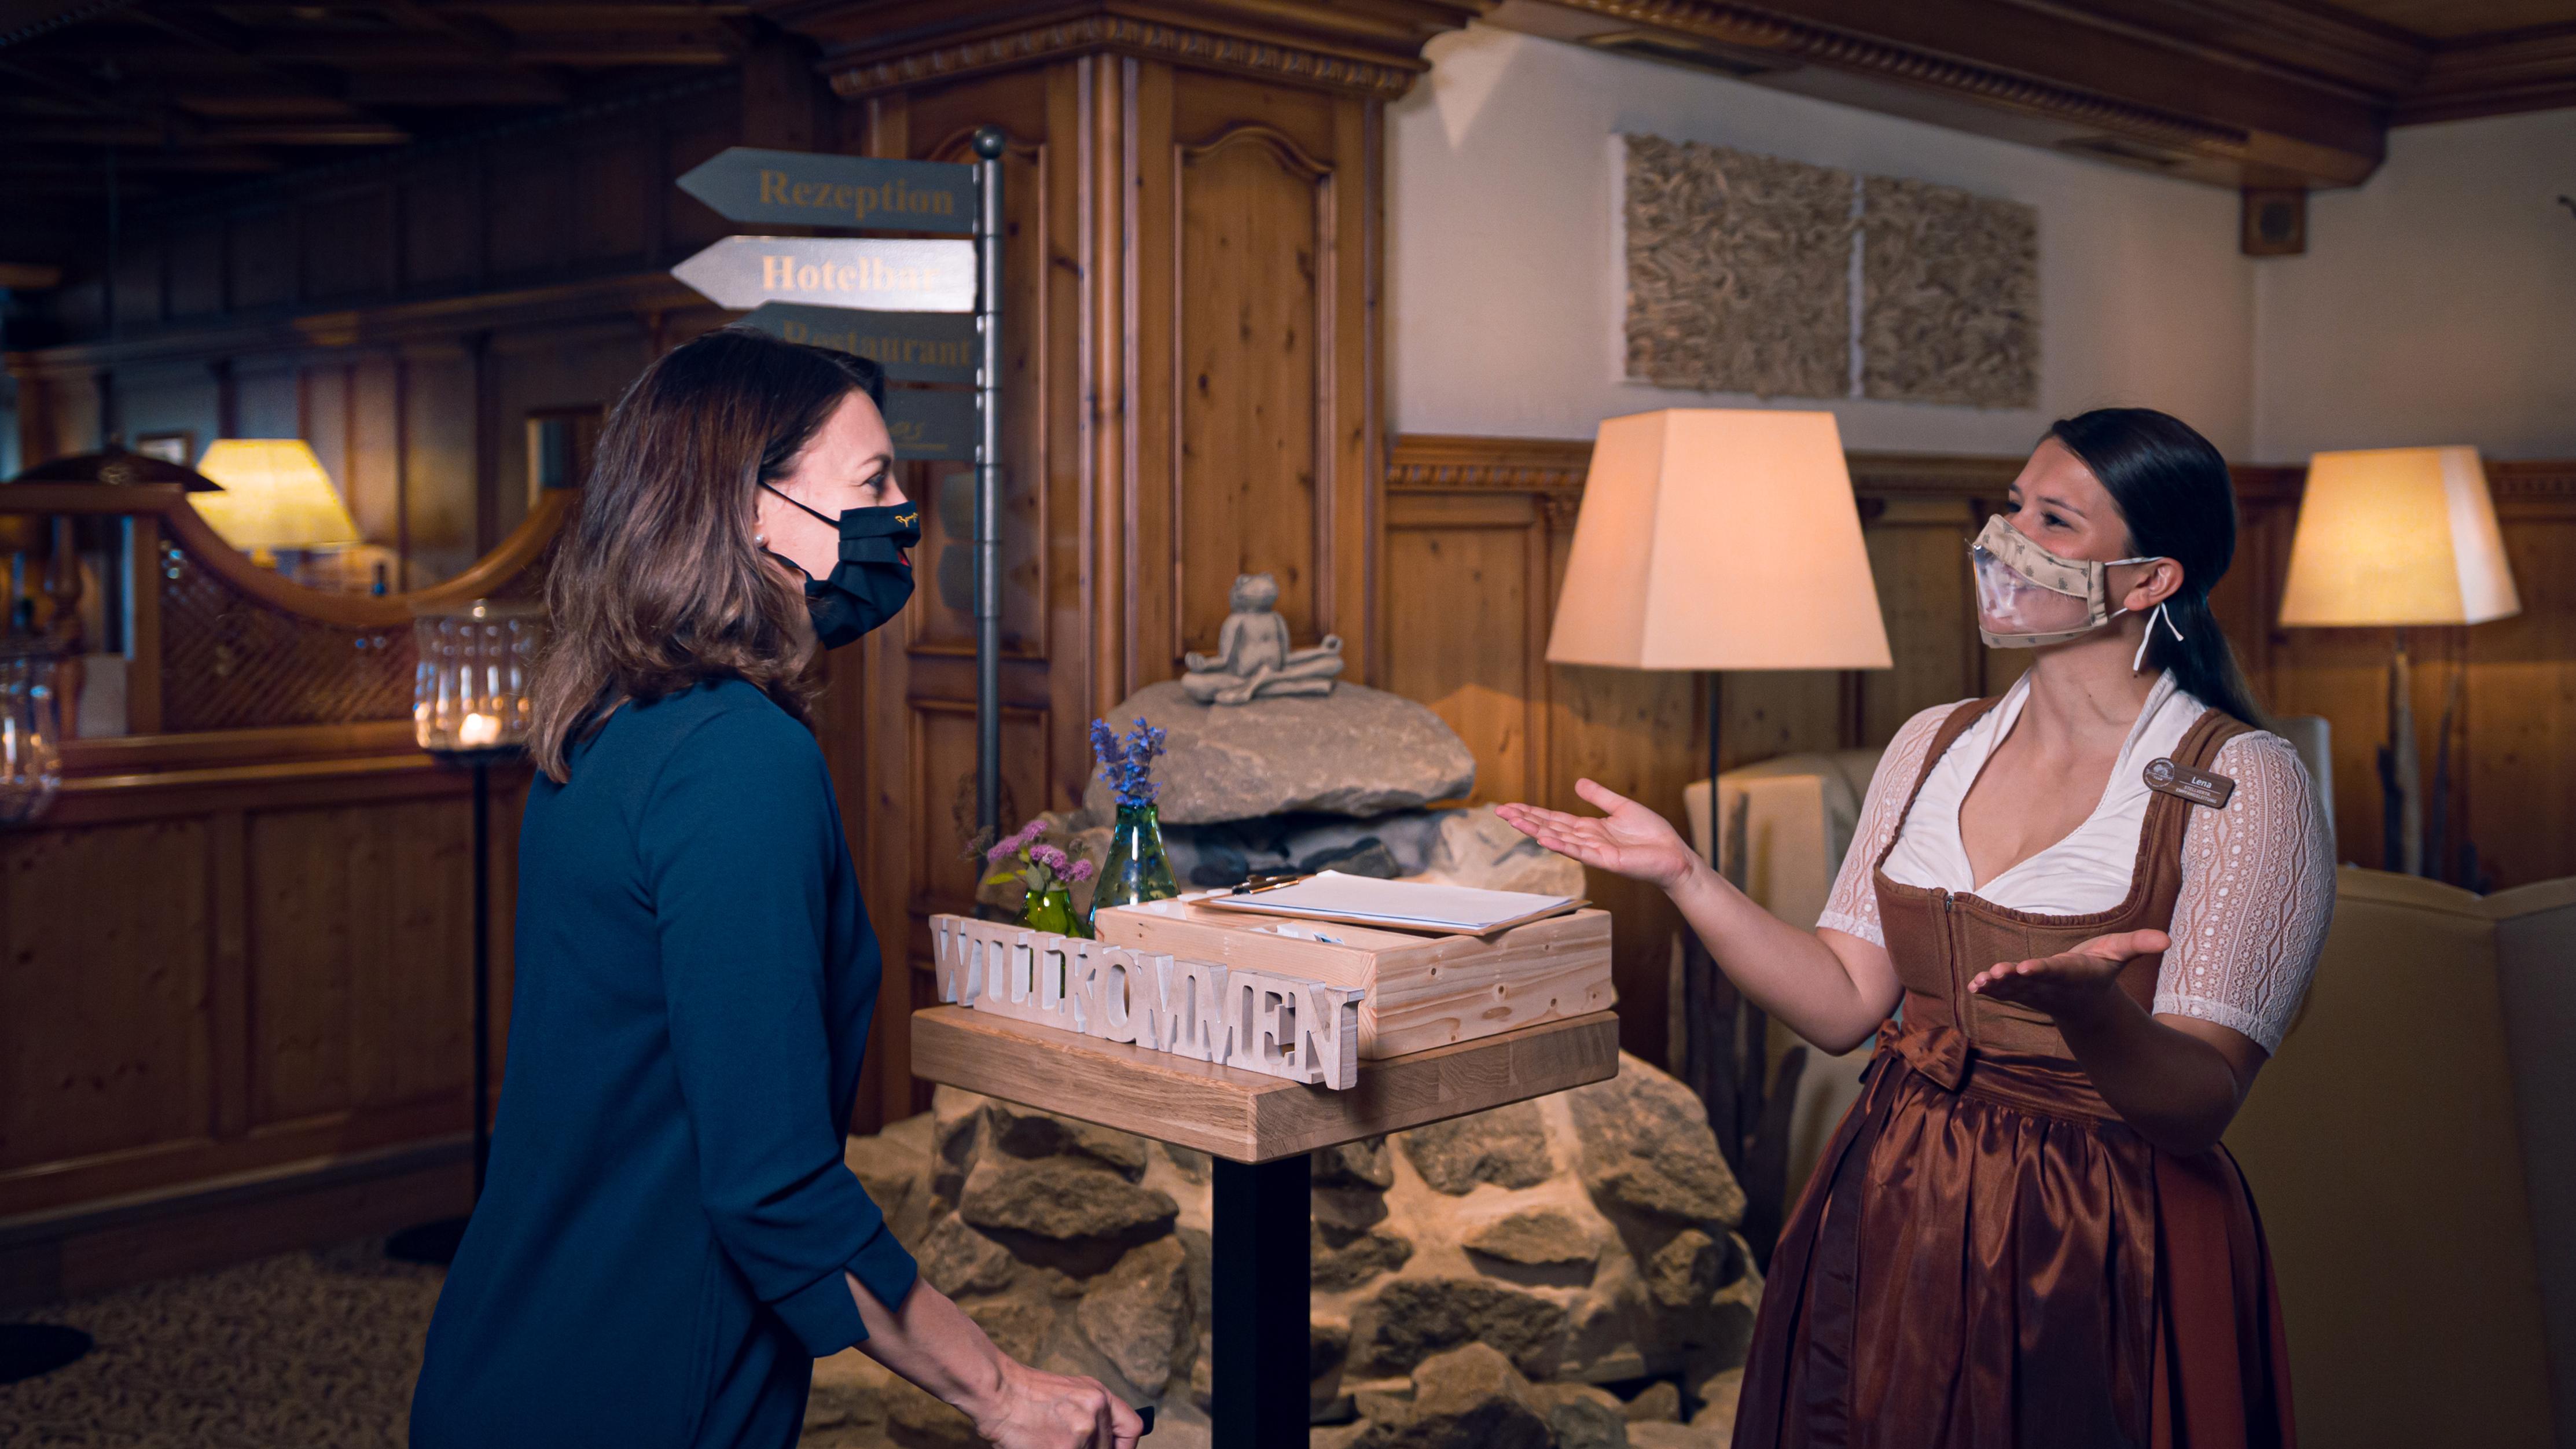 Mideinand durch die Pandemie – Interview mit Alfons Weiß, Hoteldirektor Bayerwaldhof